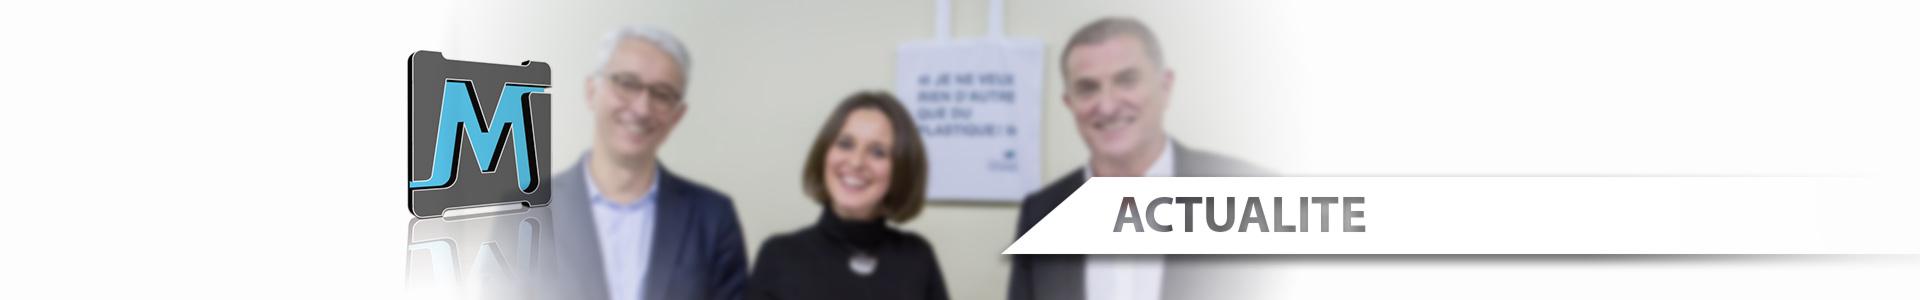 Reportage sur l'entreprise Meridies dans le Plastilien de Février 2019